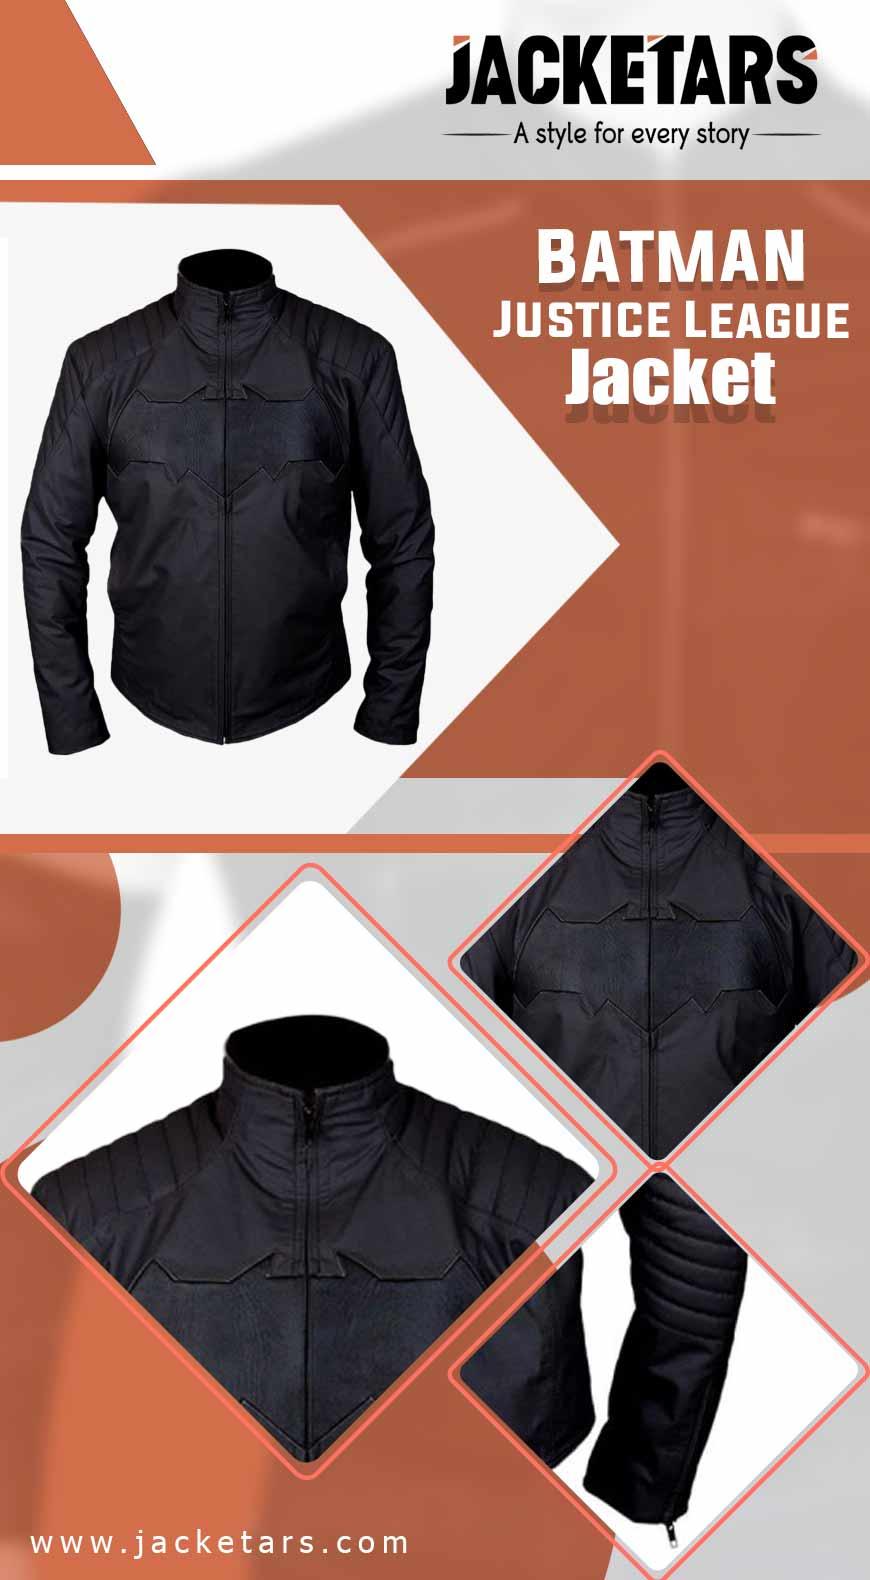 Batman Justice League Jacket INFO